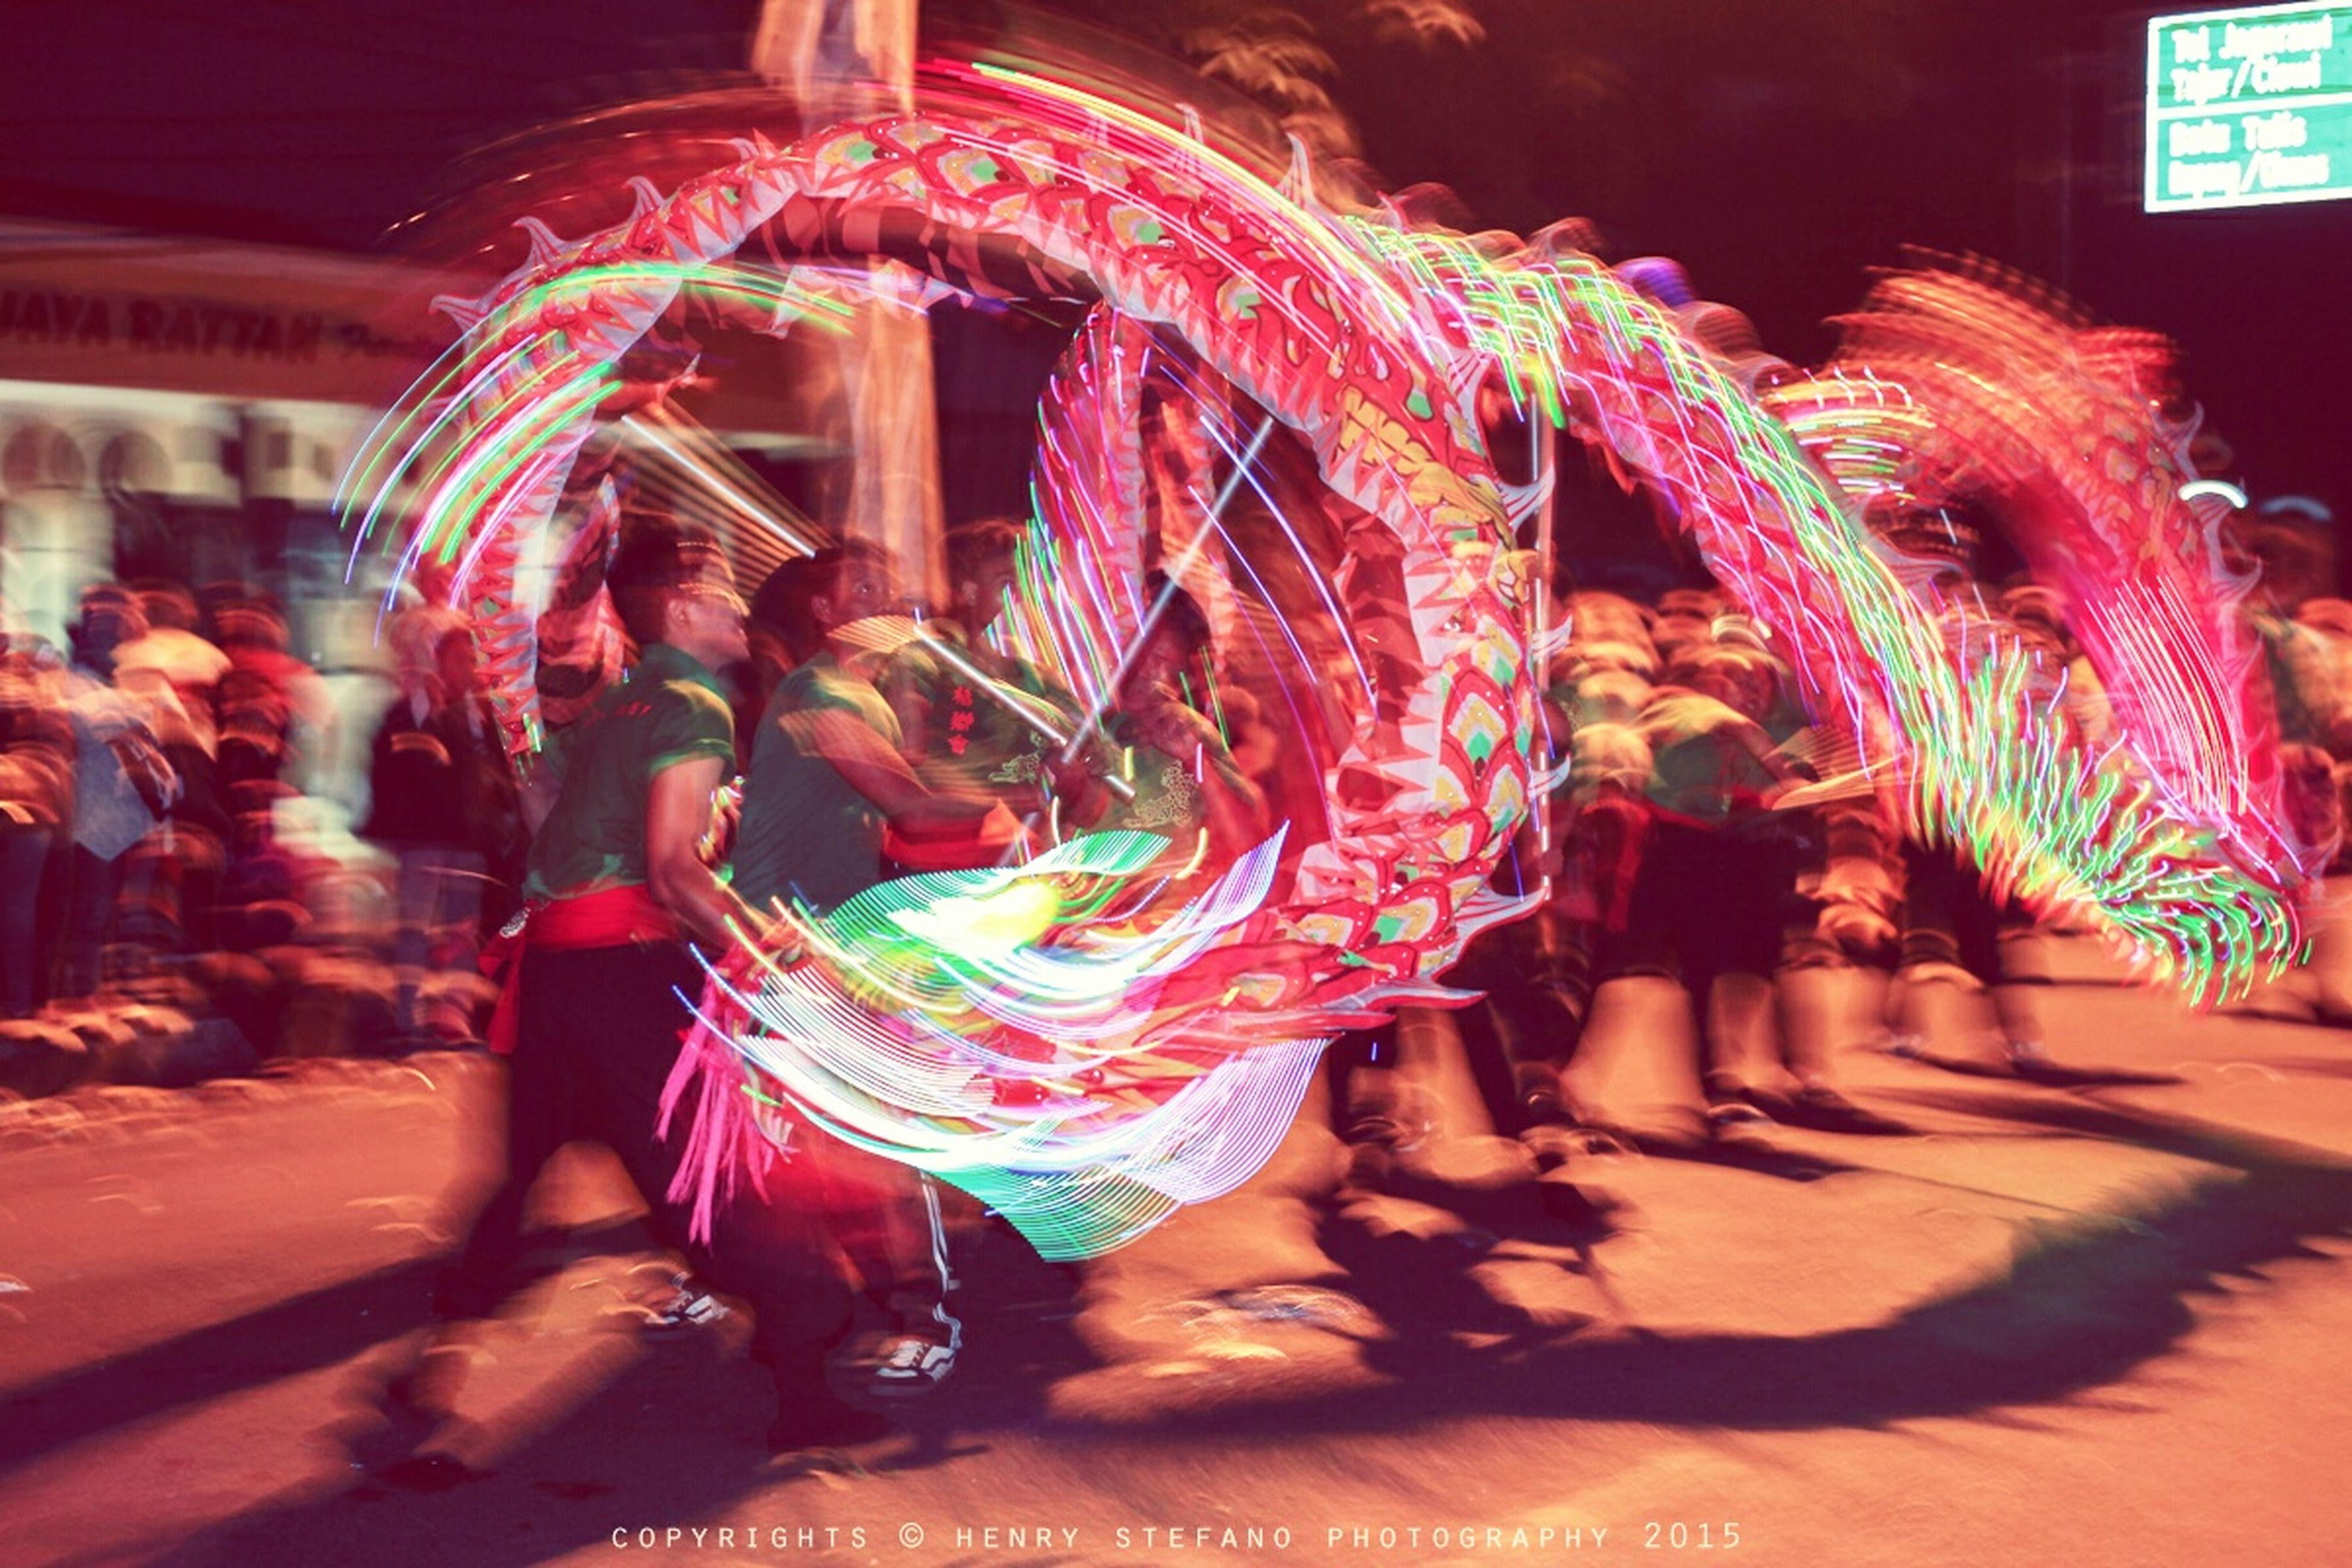 Bogor Street Festival 2015 Bogorheritage Bogorcity Bogor, Indonesia Bogor Liongplayer Party Time! Henrystefanophotography Nightphotography Slowshutter People